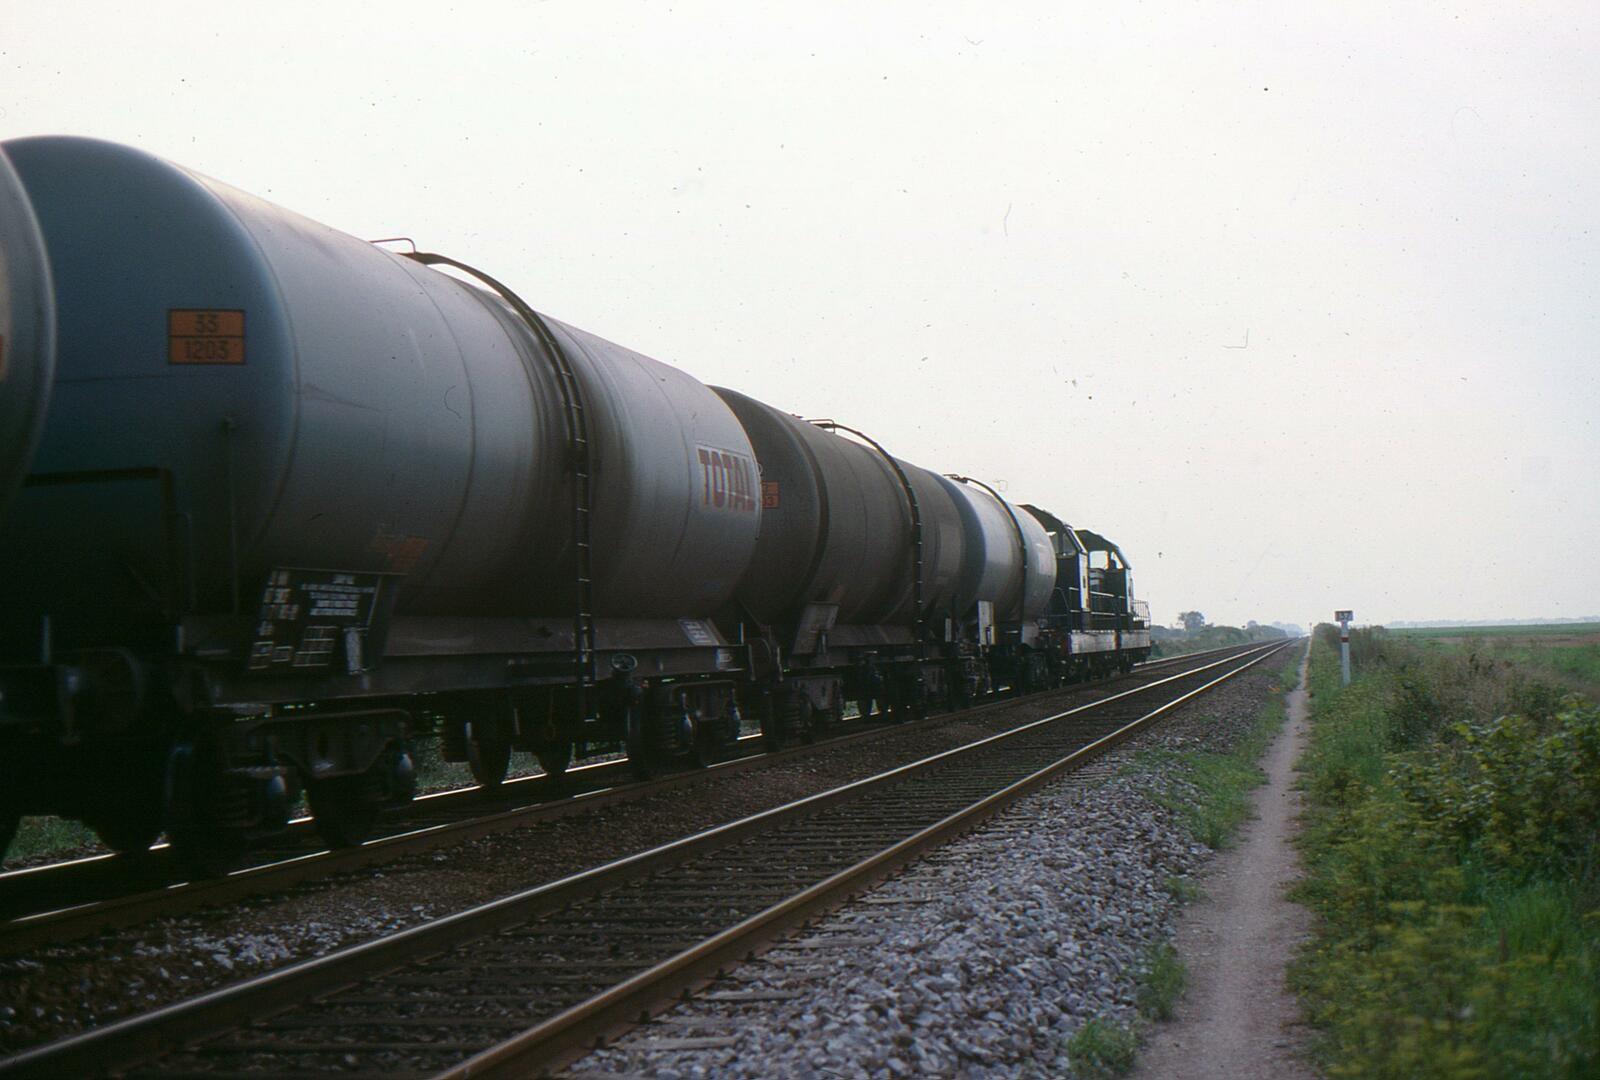 Tiré par deux BB 66000, le convoi de wagons citernes empruntent la ligne 4 pour rejoindre Grands-Puits